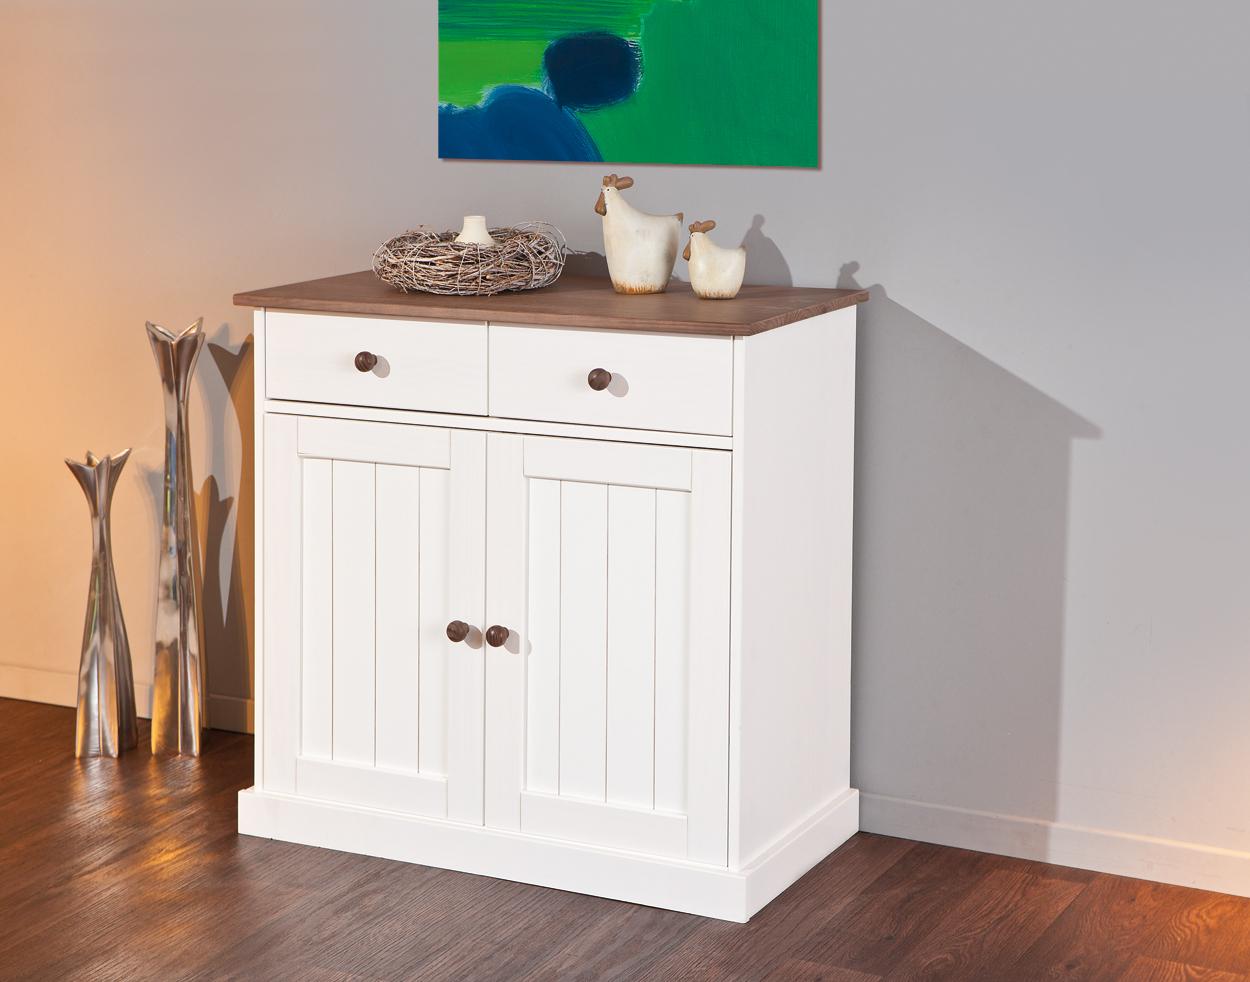 Credenza Ingresso Moderna : Credenza moderna linda mobile soggiorno sala ingresso in legno